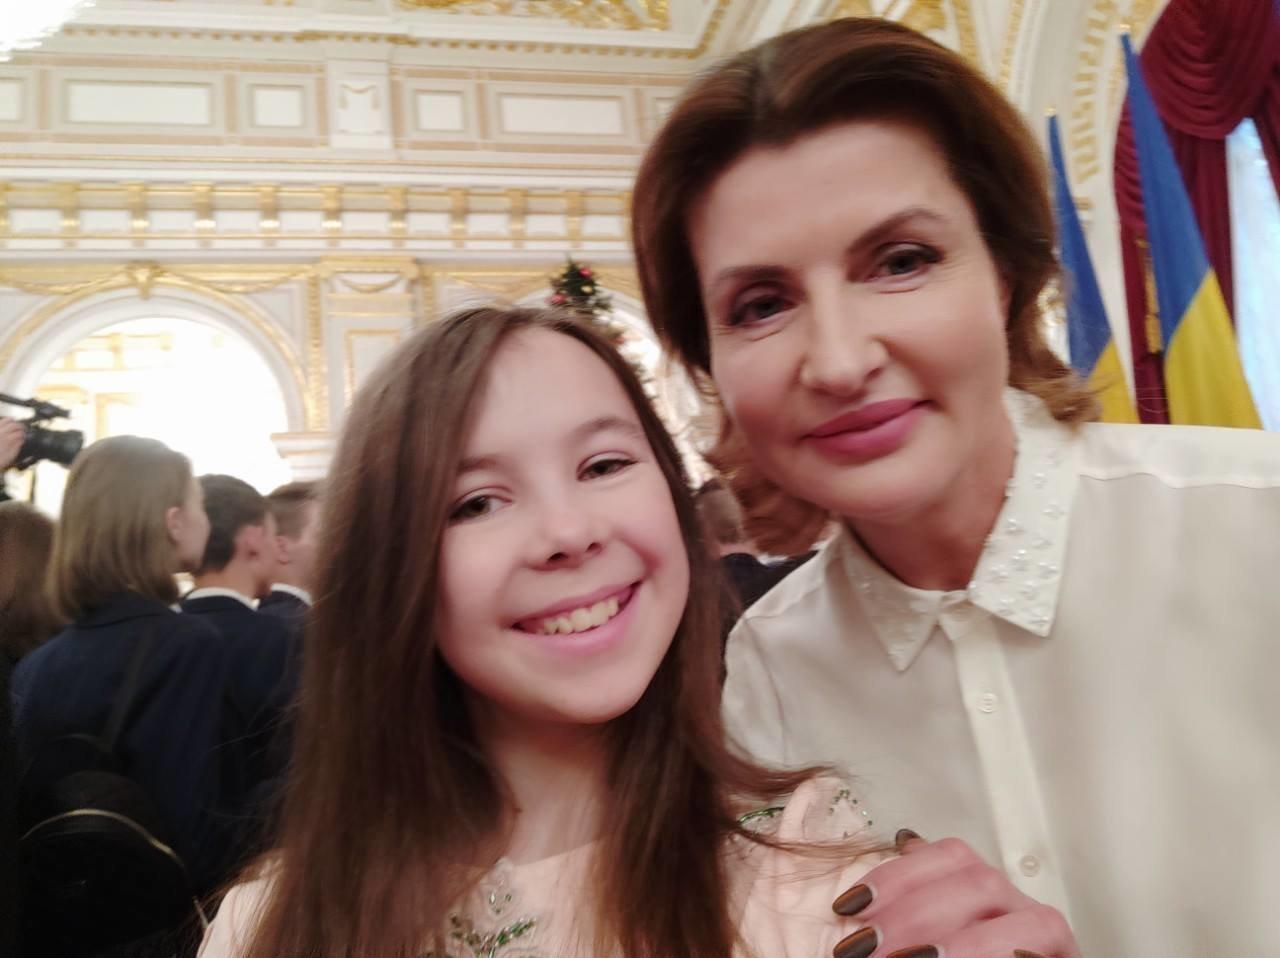 Талантливые дети Черноморска отметили День Святого Николая на президентской ёлке в Киеве, фото-8